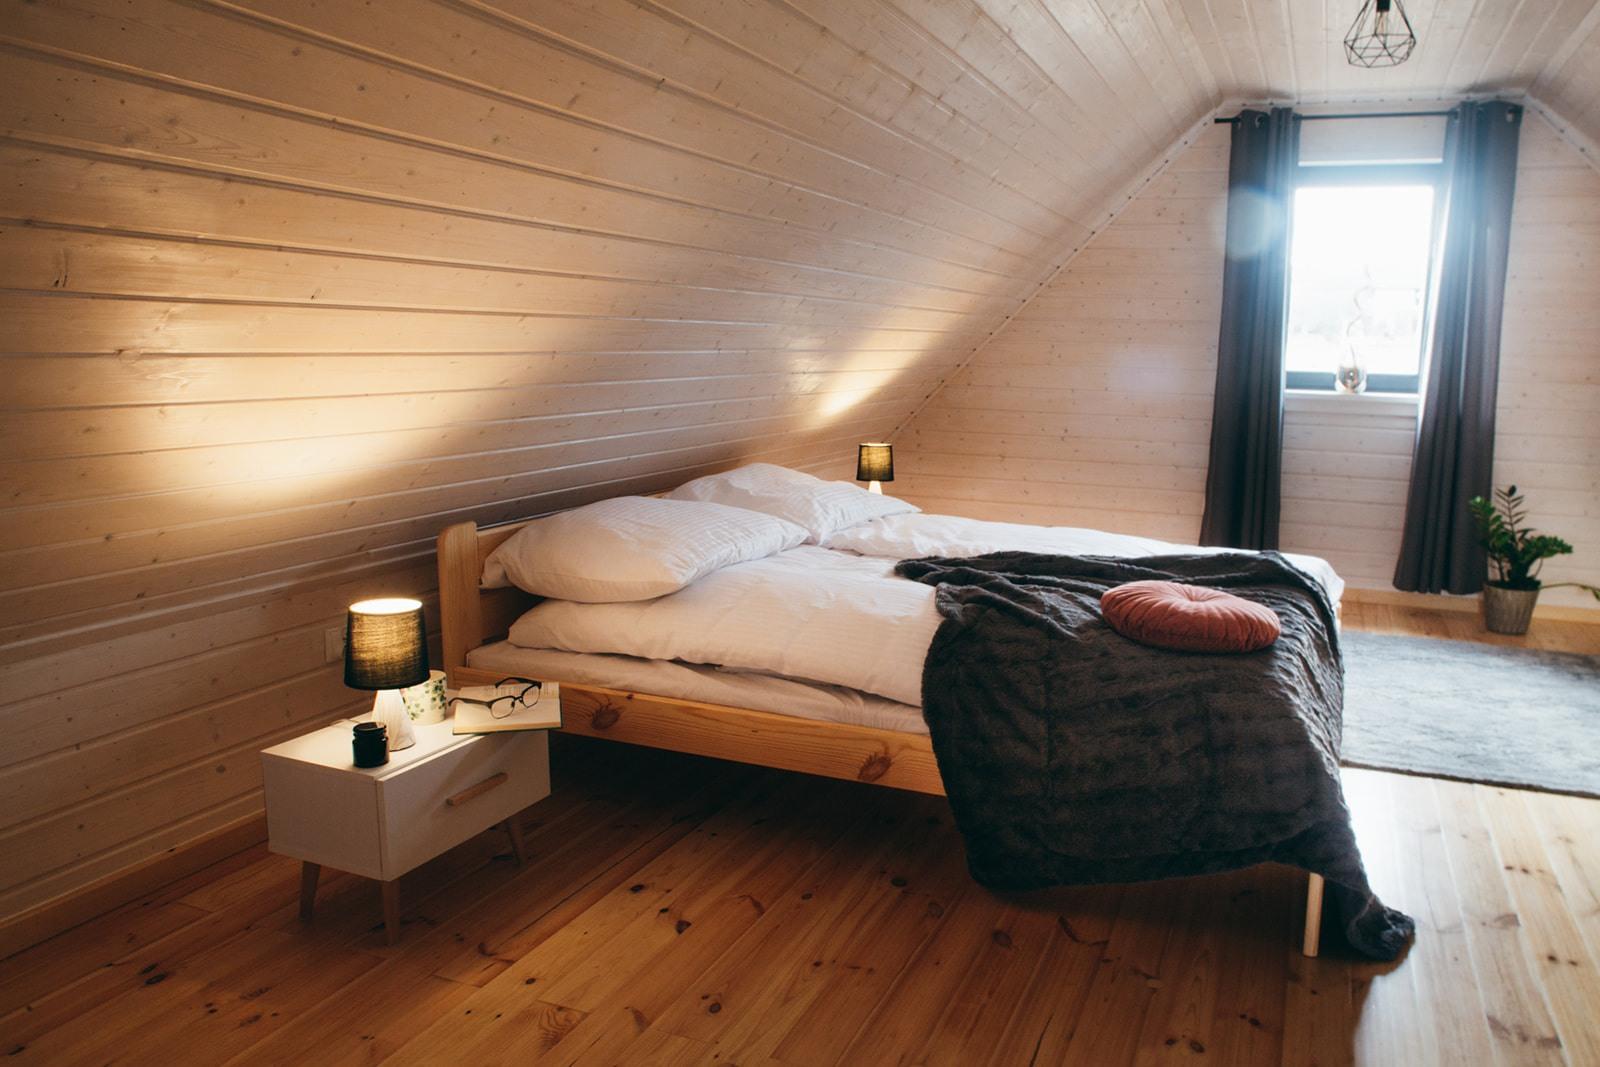 Domki nad Jeziorem Żywieckim, wnętrze sypialnia duża